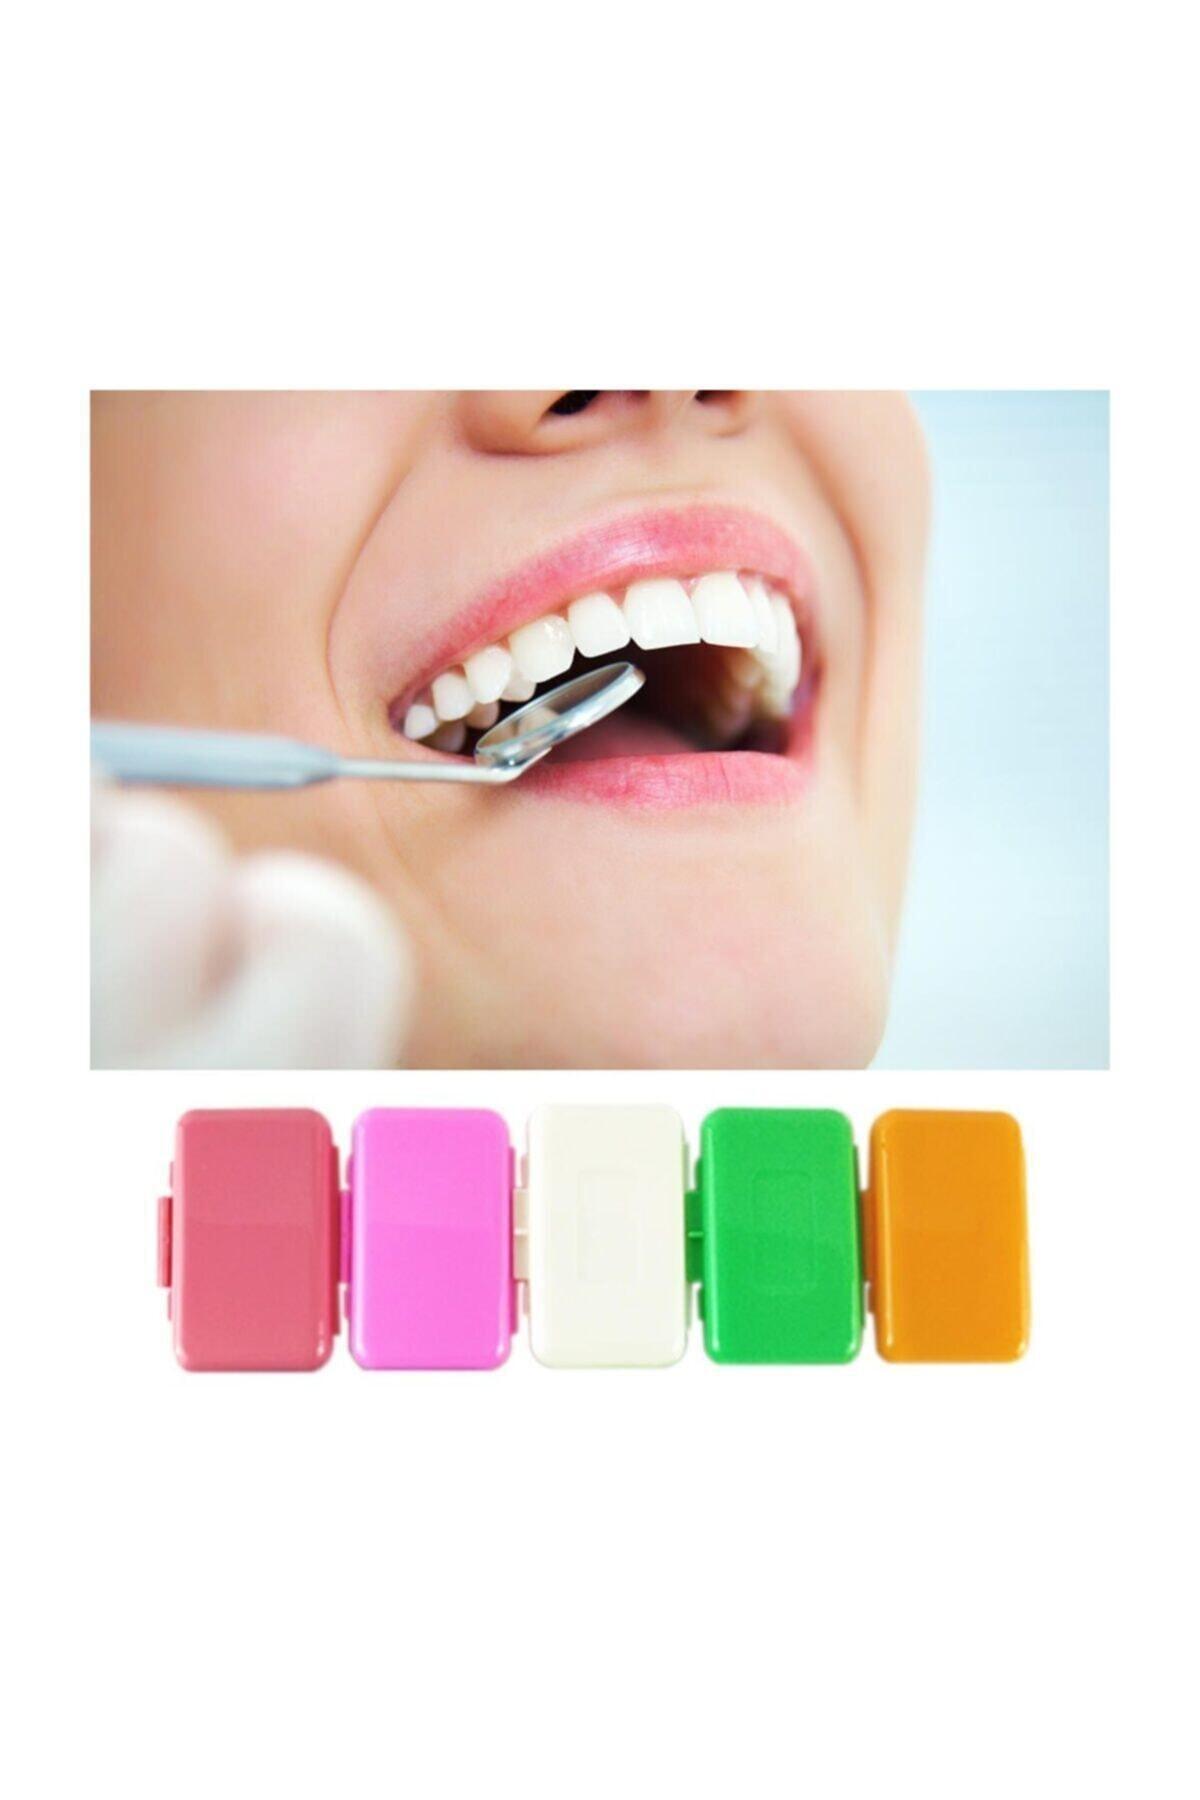 PWORTHO 10 Adet Diş Teli Mumu, Ortodontik Wax, Ortodonti Mumu, Diş Mumu 2